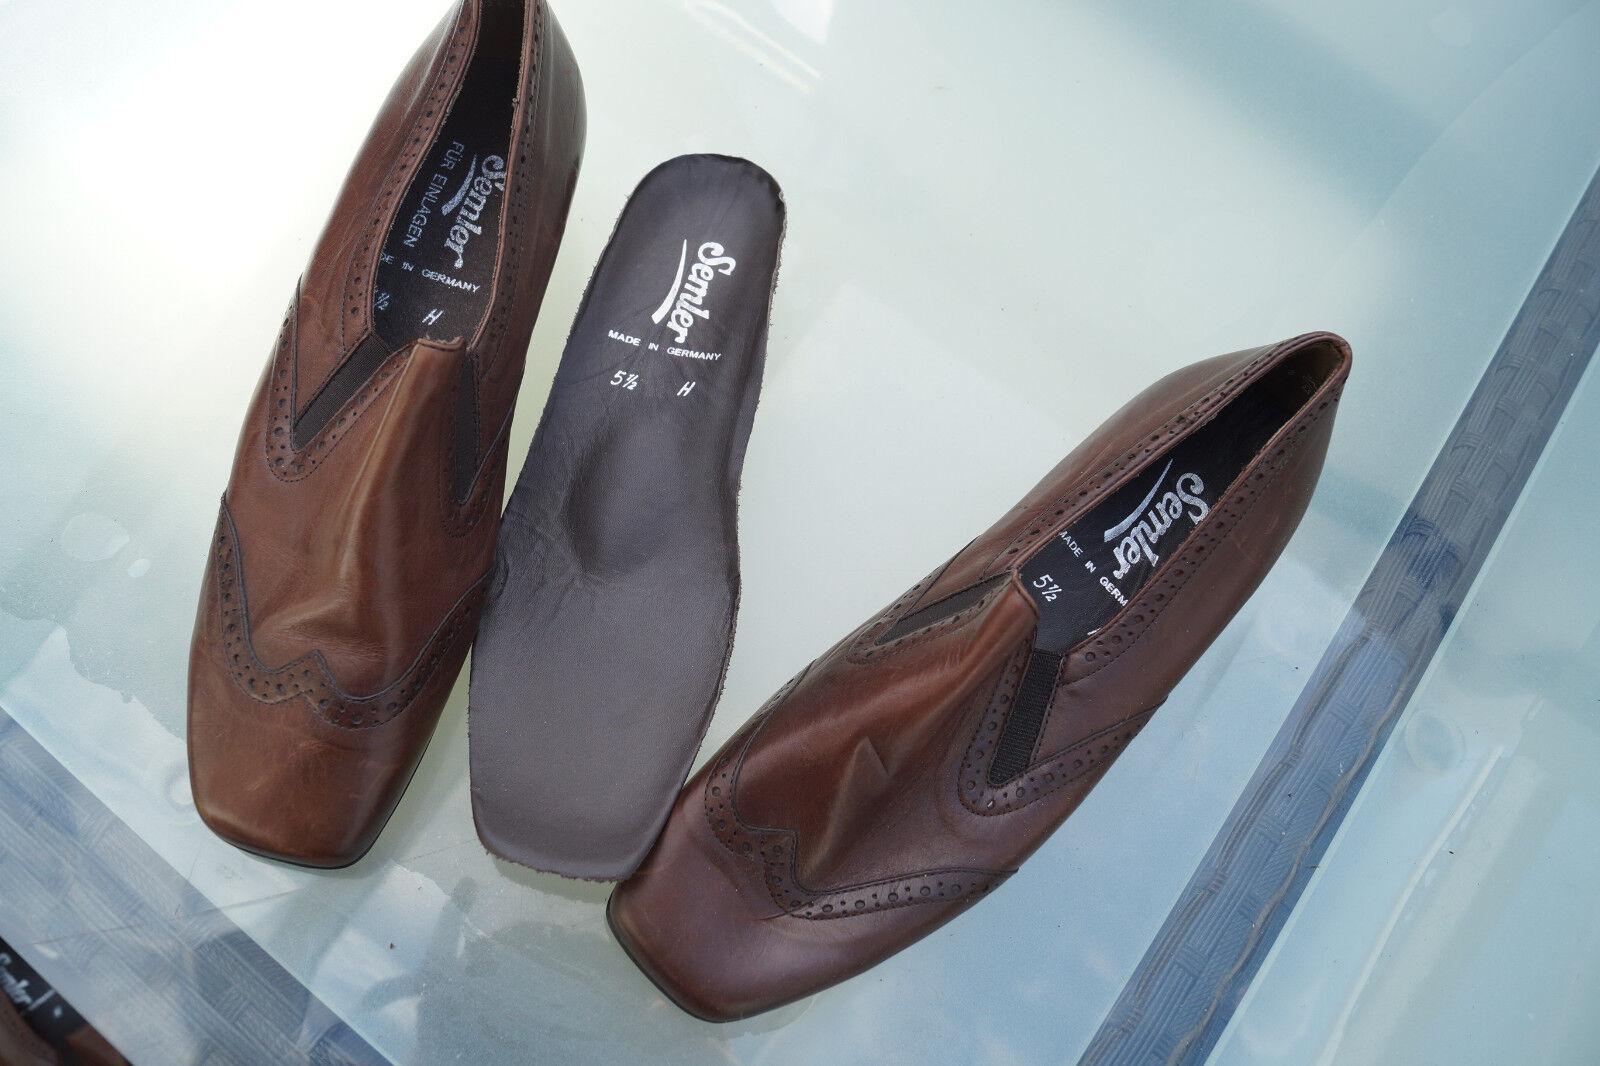 schicke SEMLER Damen Comfort Schuhe Pumps Leder m braun Einlagen Gr.5,5 H 39 braun m Neu a10bfc